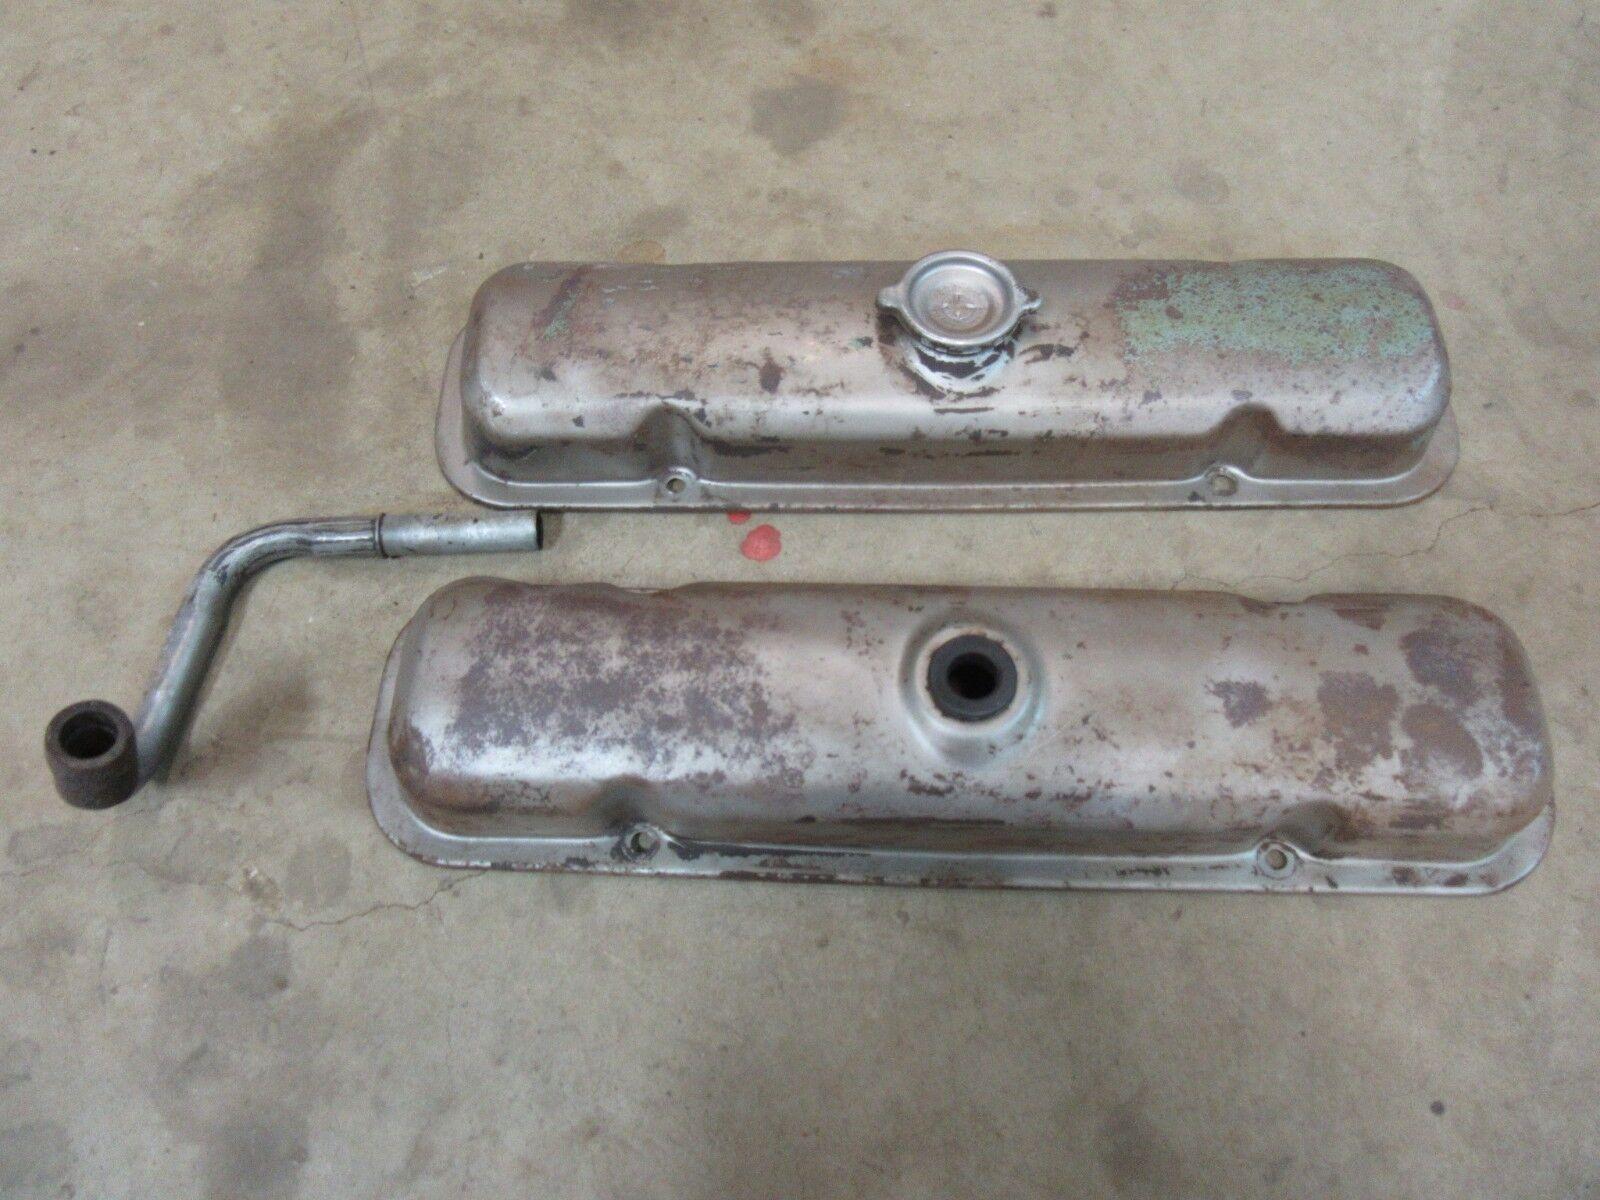 1970 Pontiac Catalina 350 v8 engine motor original valve cover set pair hot rod